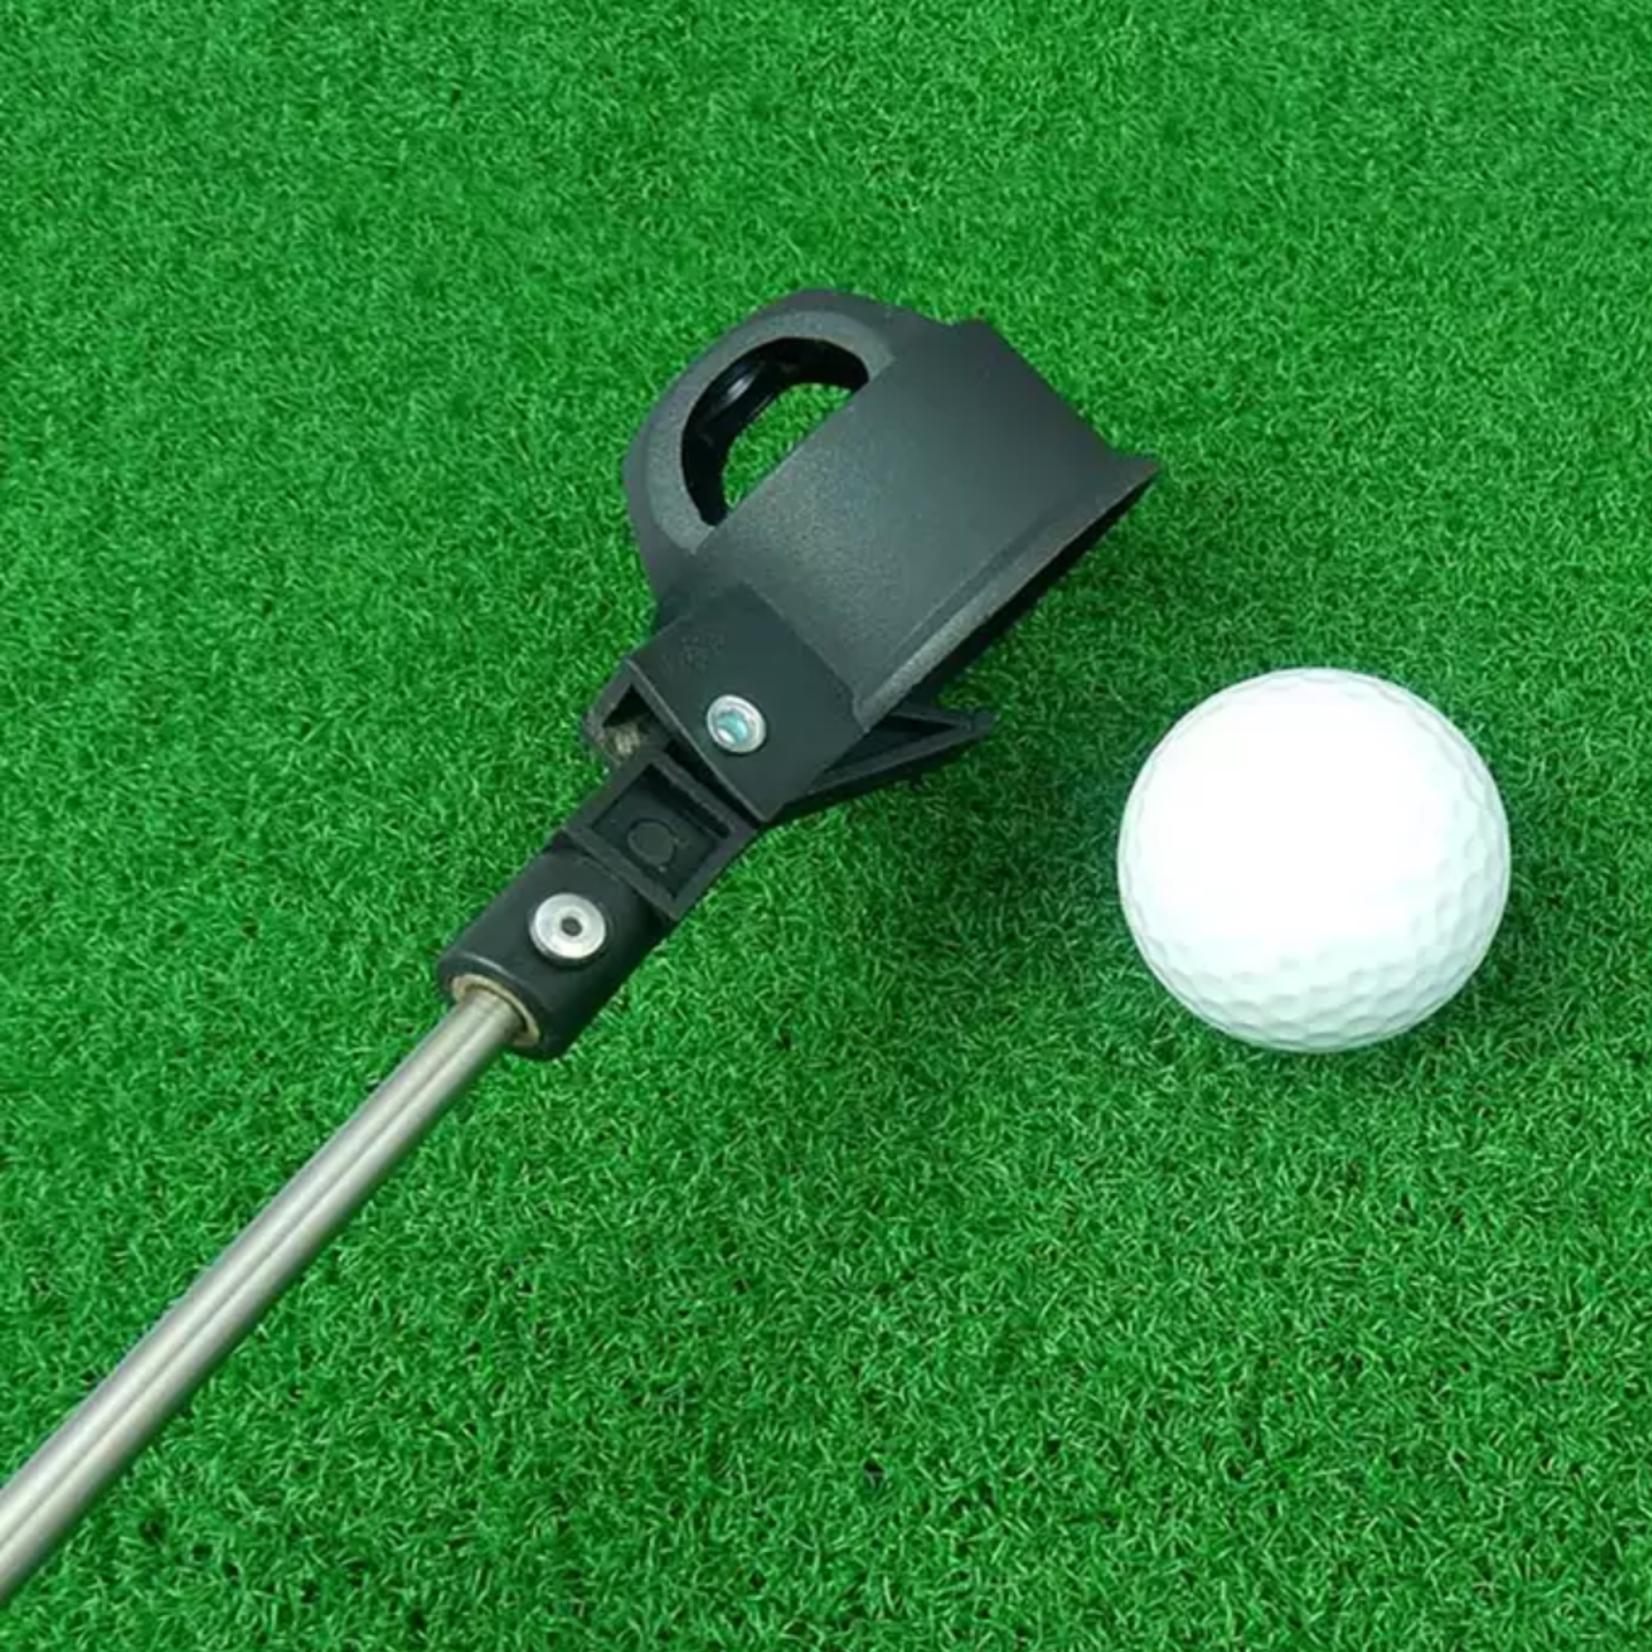 Jobber Golf Jobber Golf – Golfbalhengel 200 cm